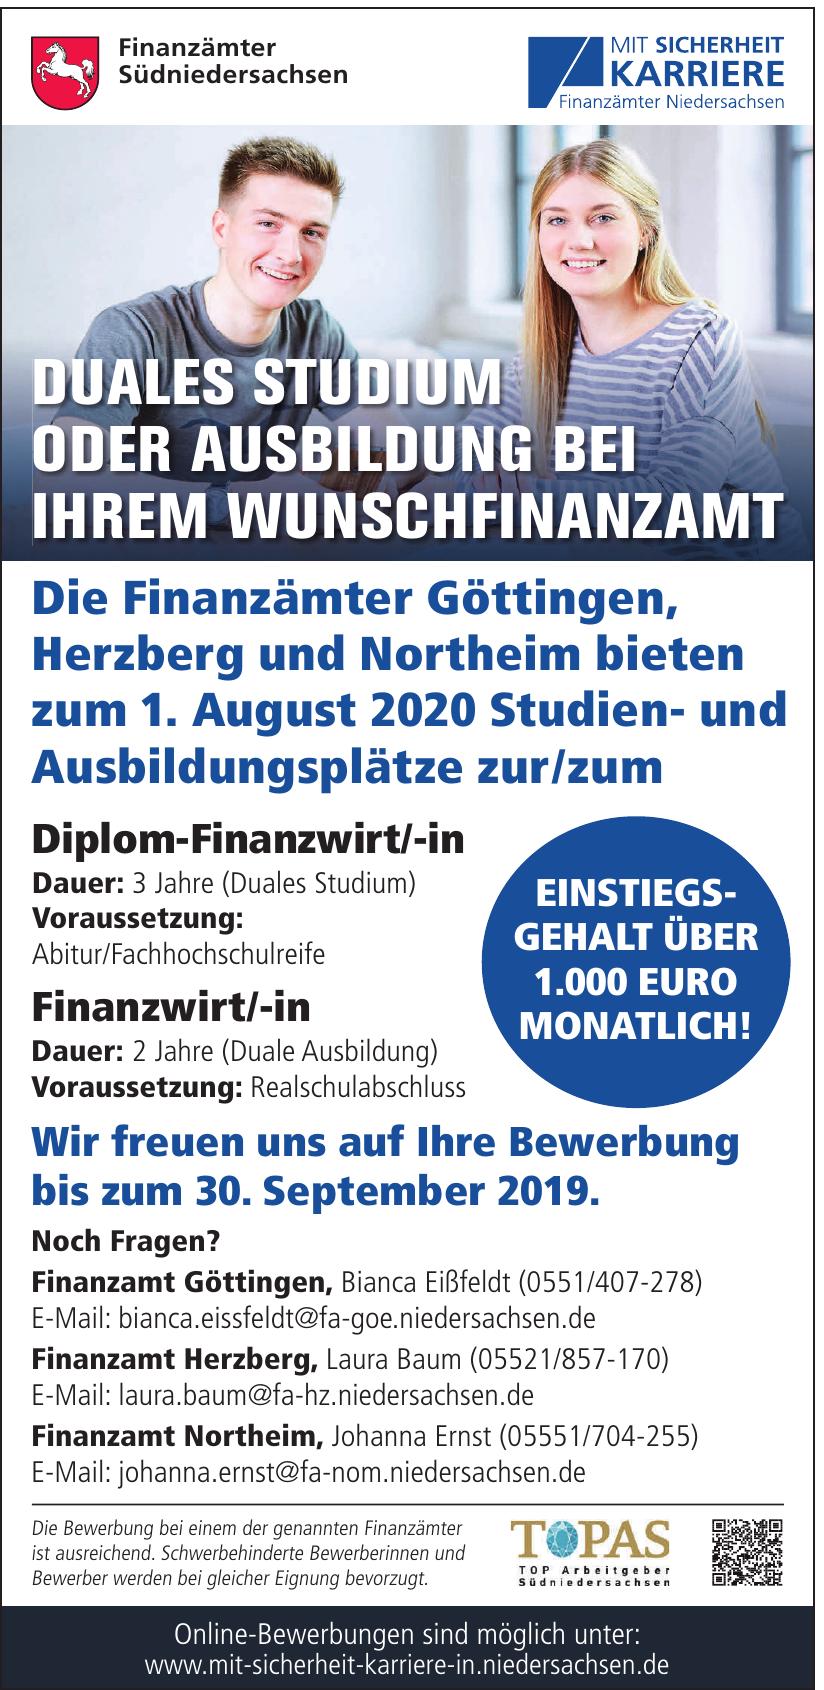 Mit Sicherheit Karriere Finanzämter Niedersachsen